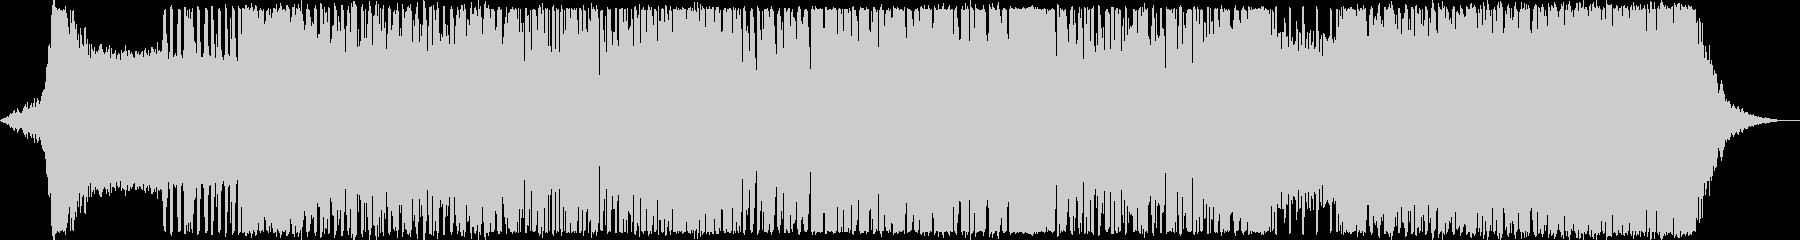 ブレイク系のダンスやレース・競争系BGMの未再生の波形